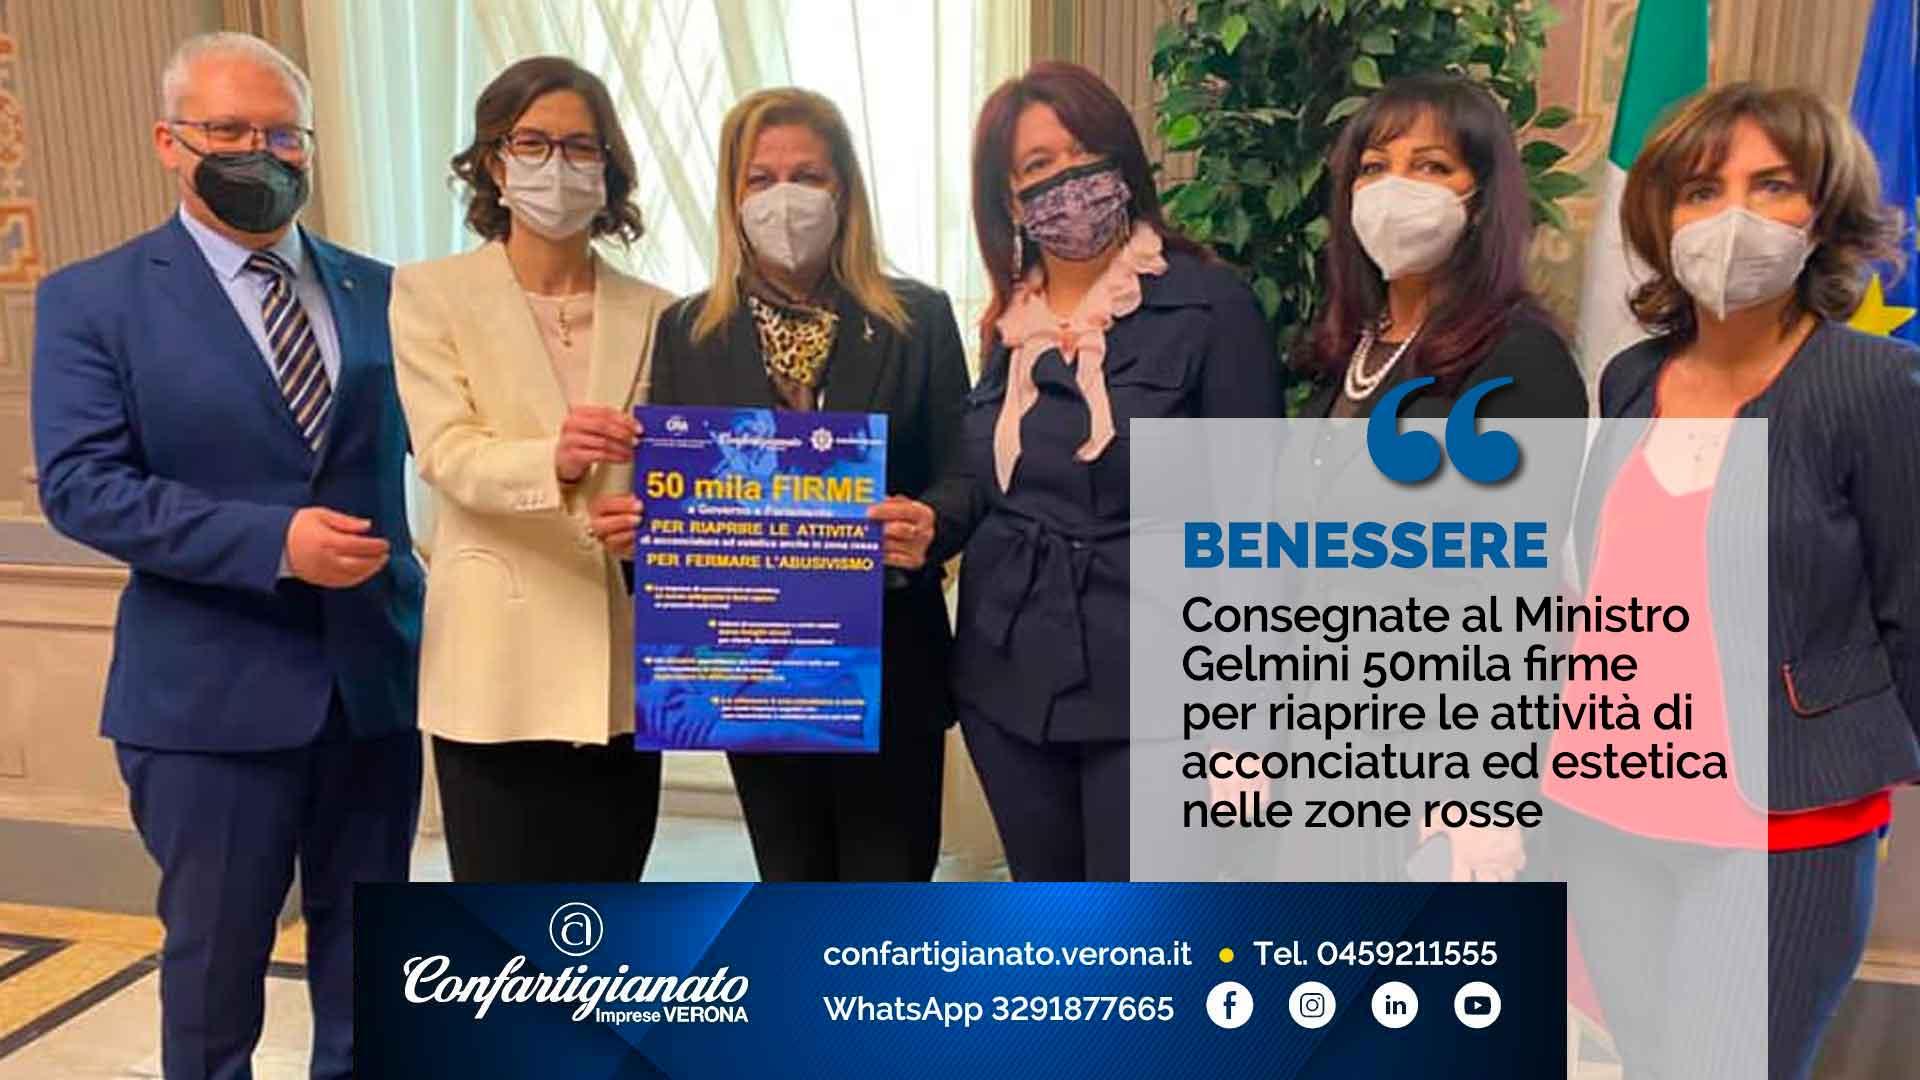 BENESSERE – Consegnate al Ministro Gelmini 50mila firme per riaprire le attività di acconciatura ed estetica nelle zone rosse